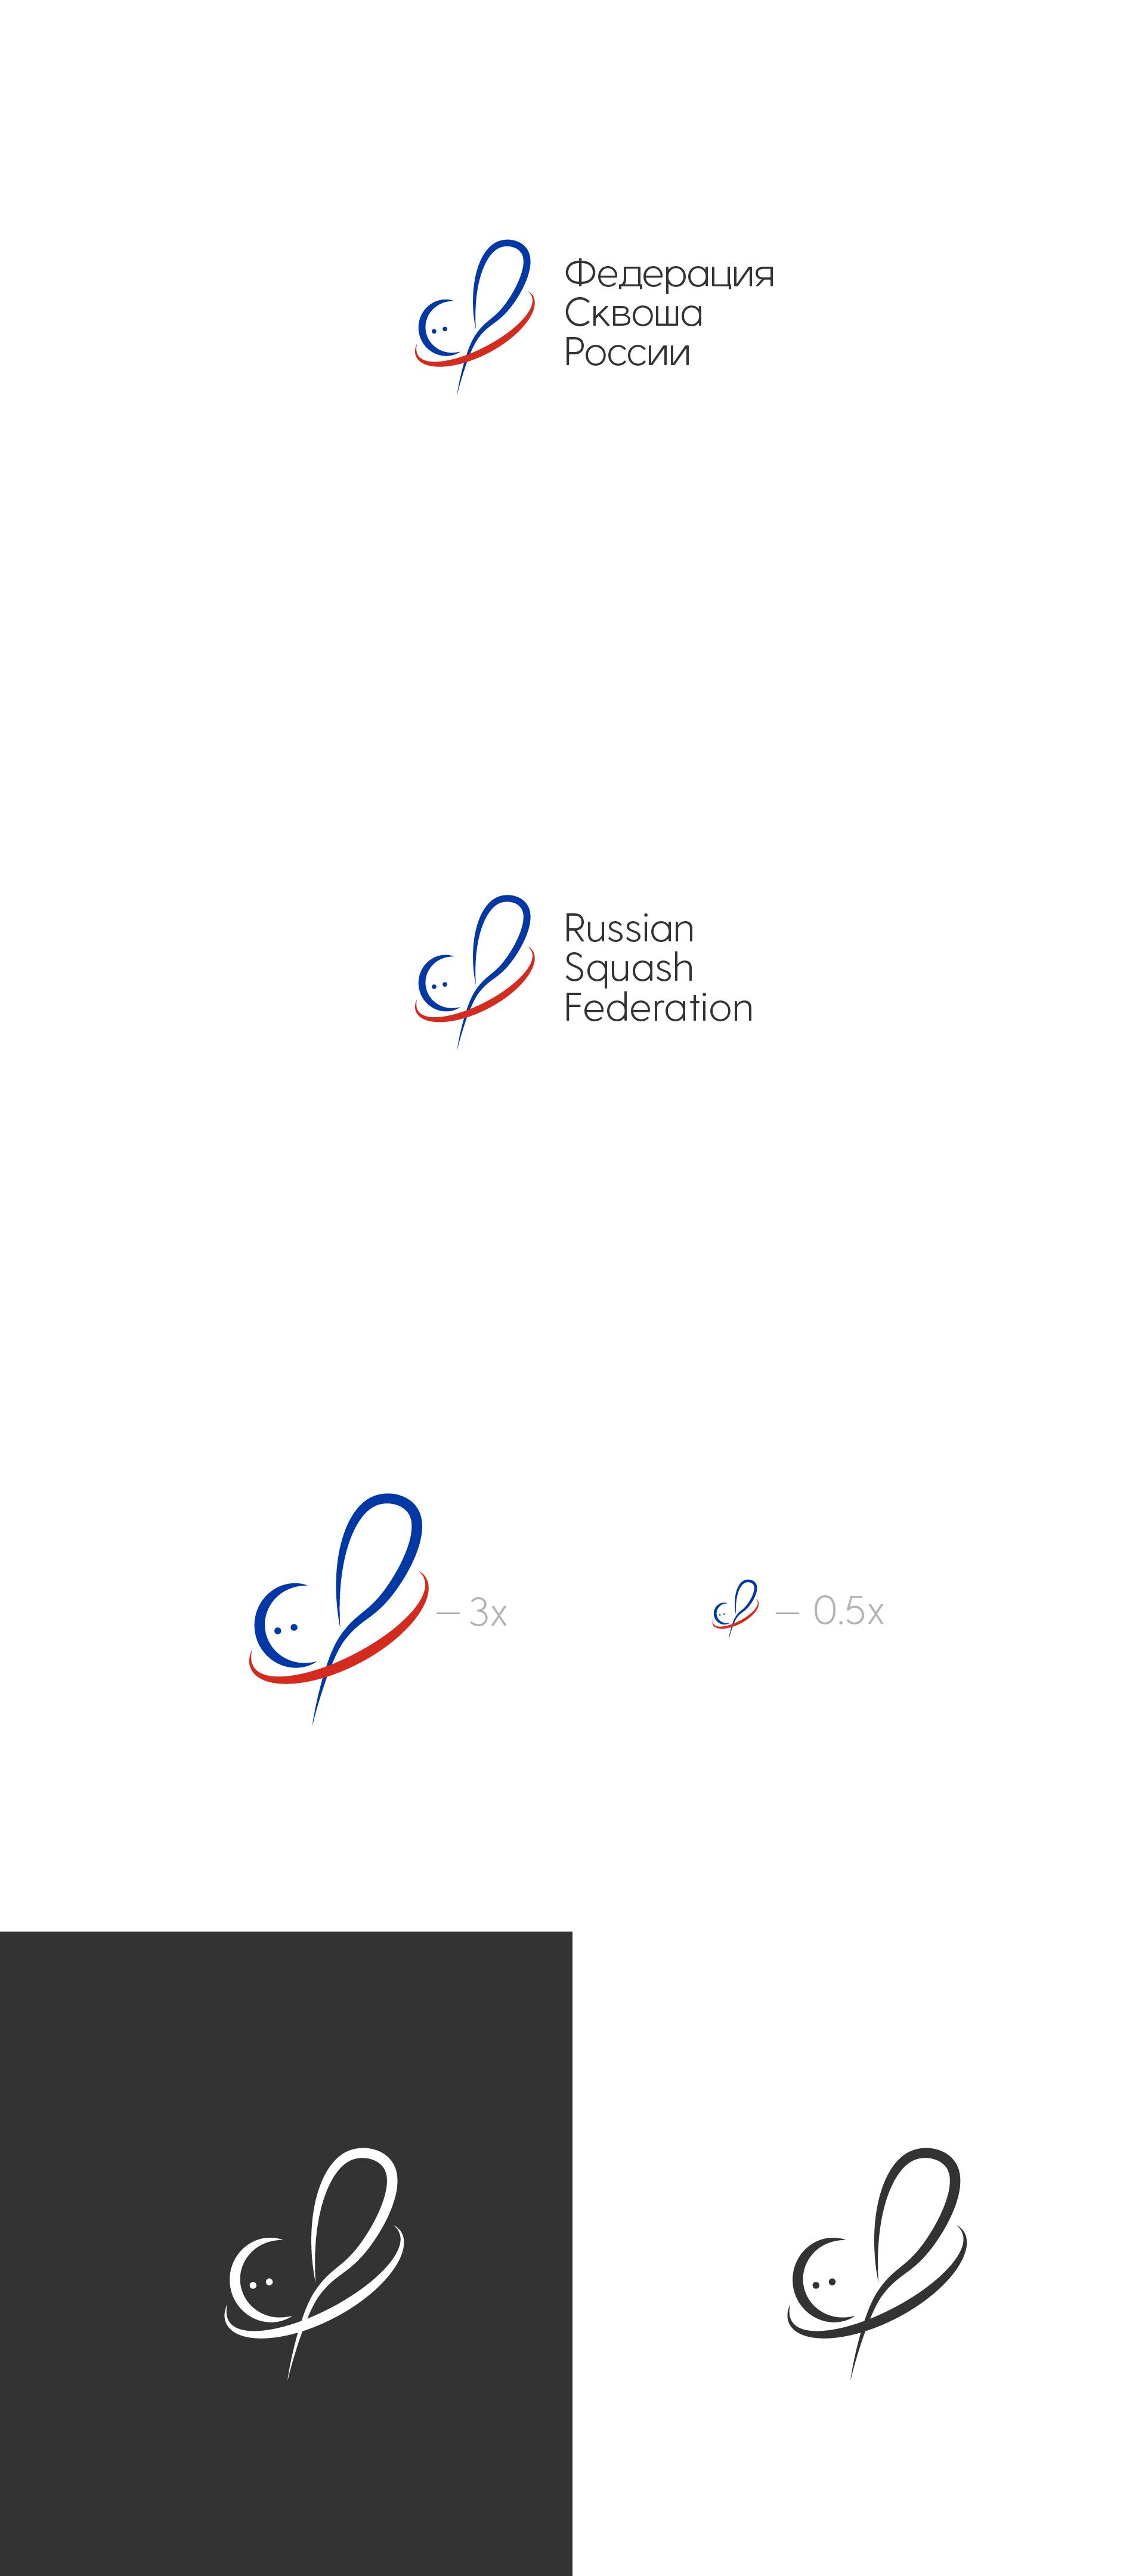 Разработать логотип для Федерации сквоша России фото f_9355f392bafcac10.png